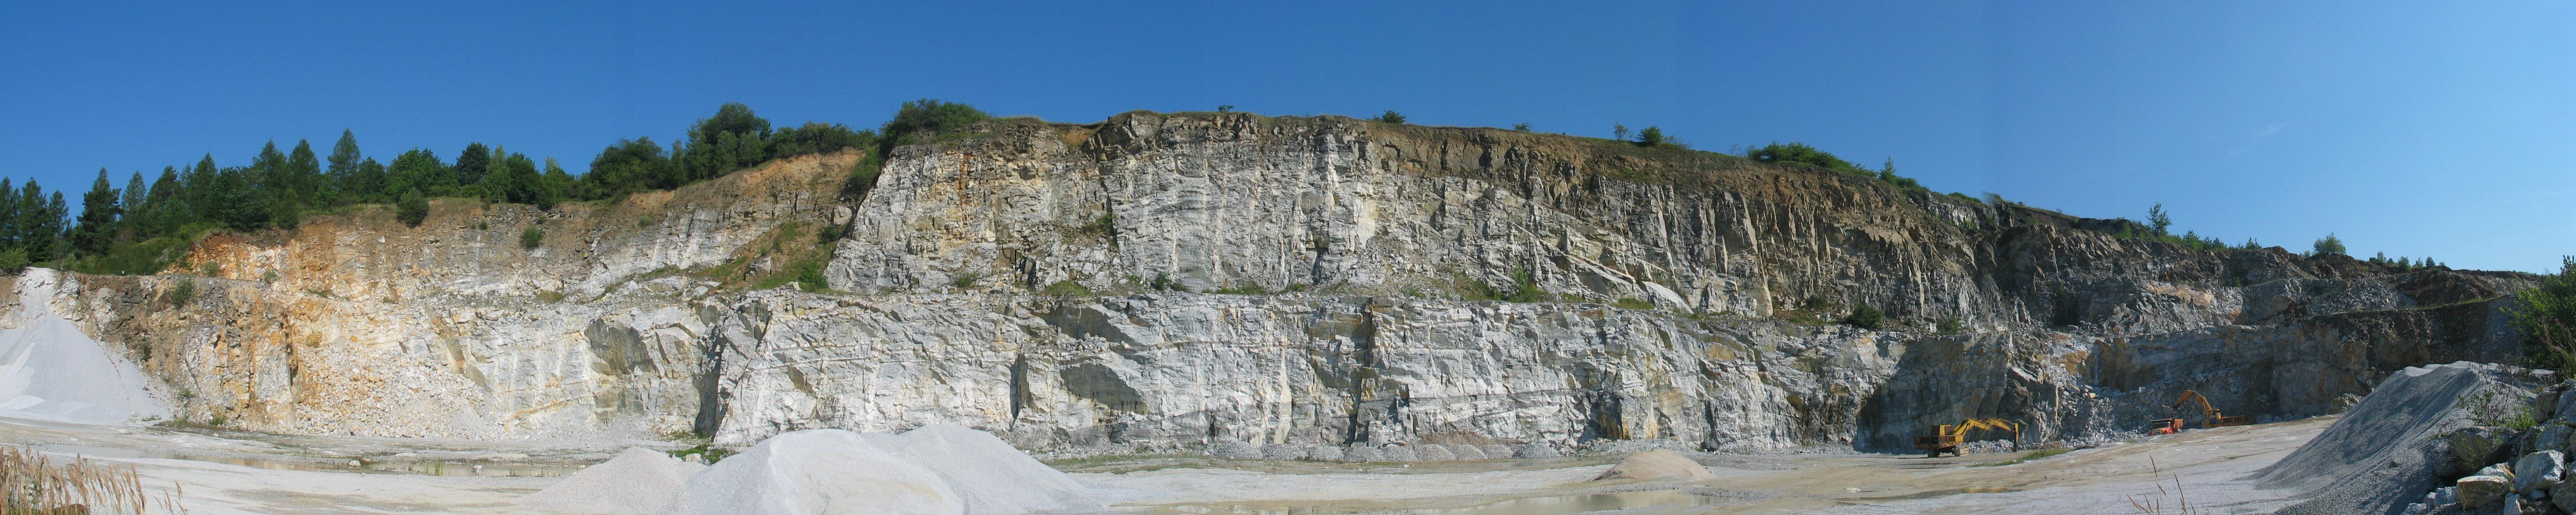 Skoupy quarry